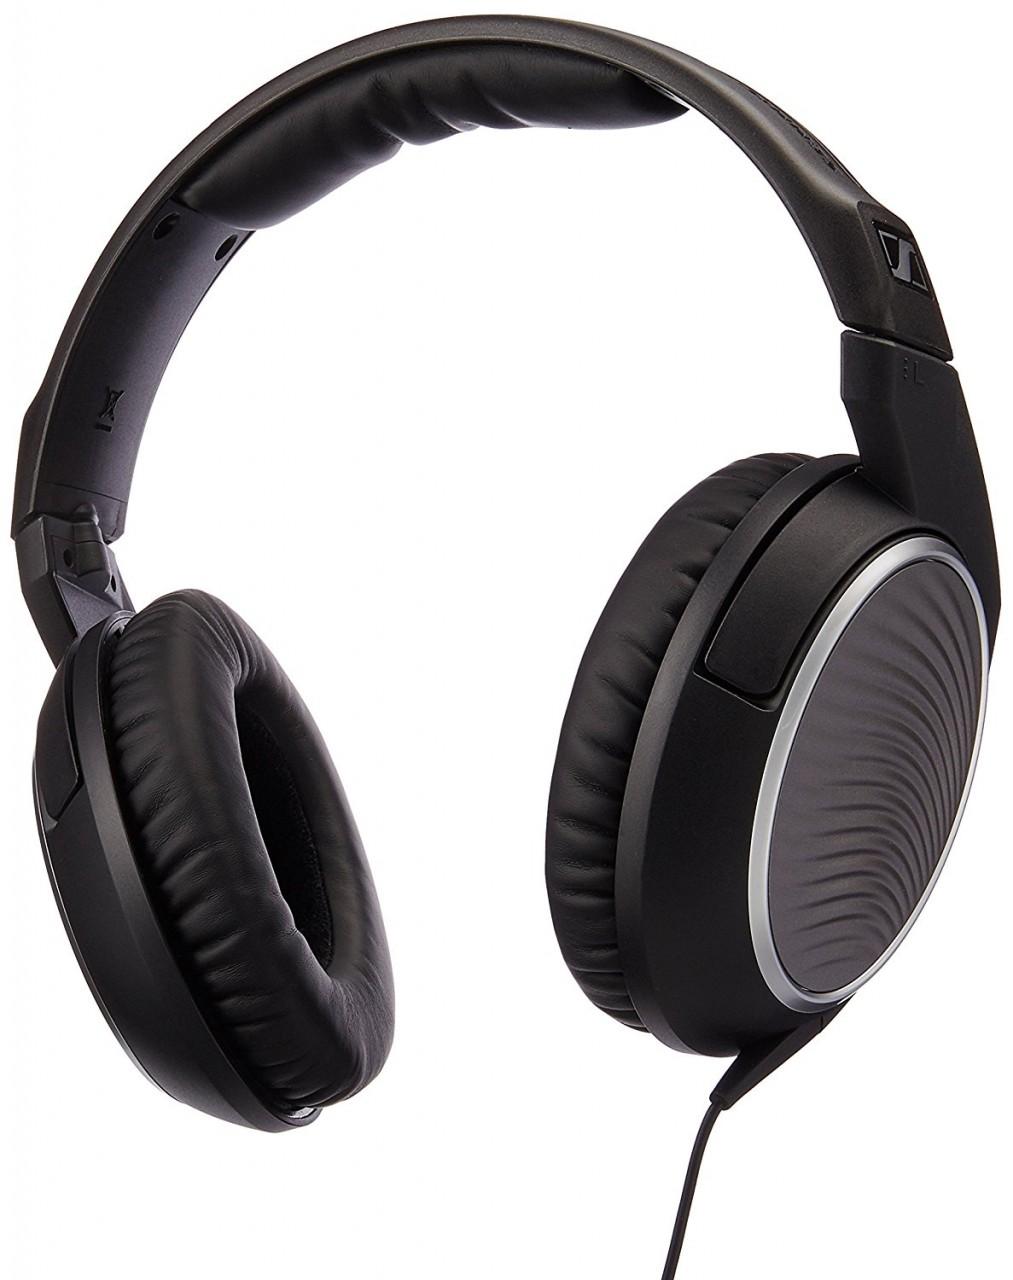 Sennheiser earbuds galaxy - sennheiser earphones with microphone